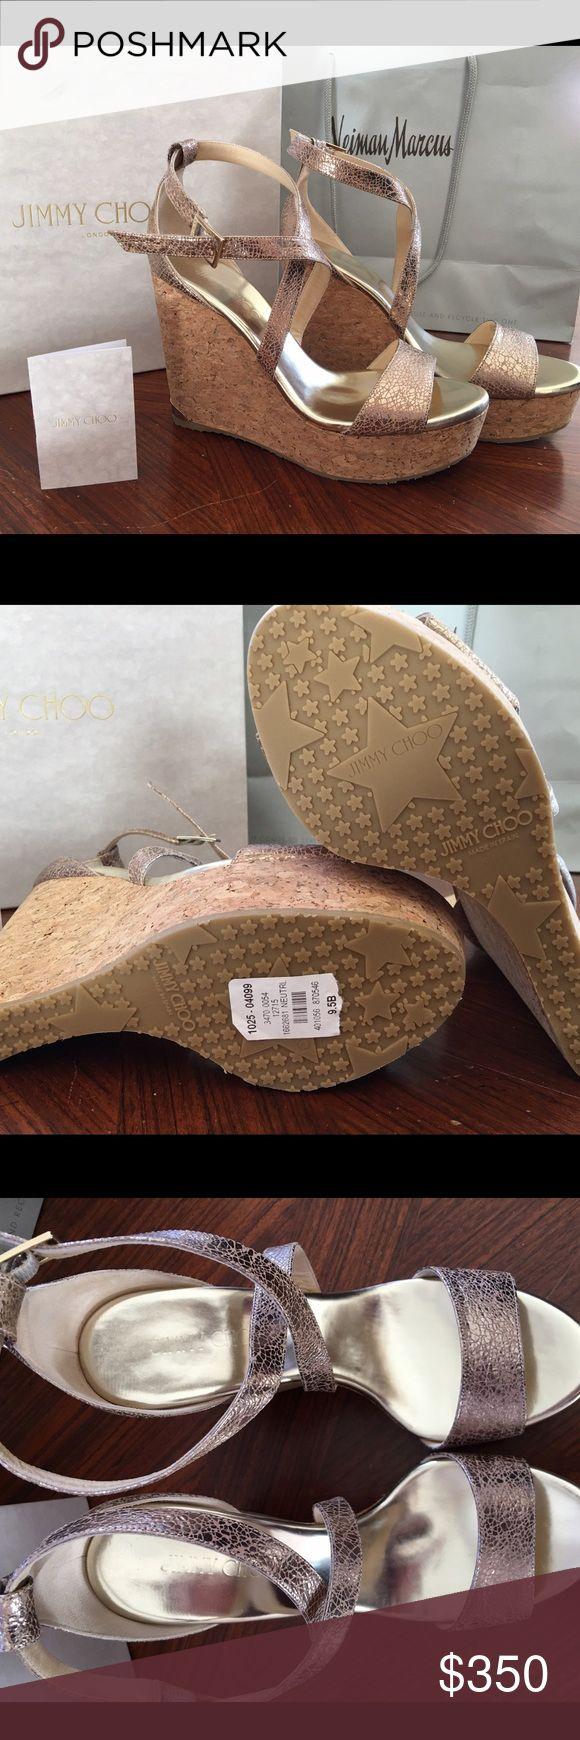 Jimmy choo Portia metallic wedge. Brand new. Jimmy choo Portia metallic wedge size 39 1/2. Retail $525. Brand new. Jimmy Choo Shoes Wedges